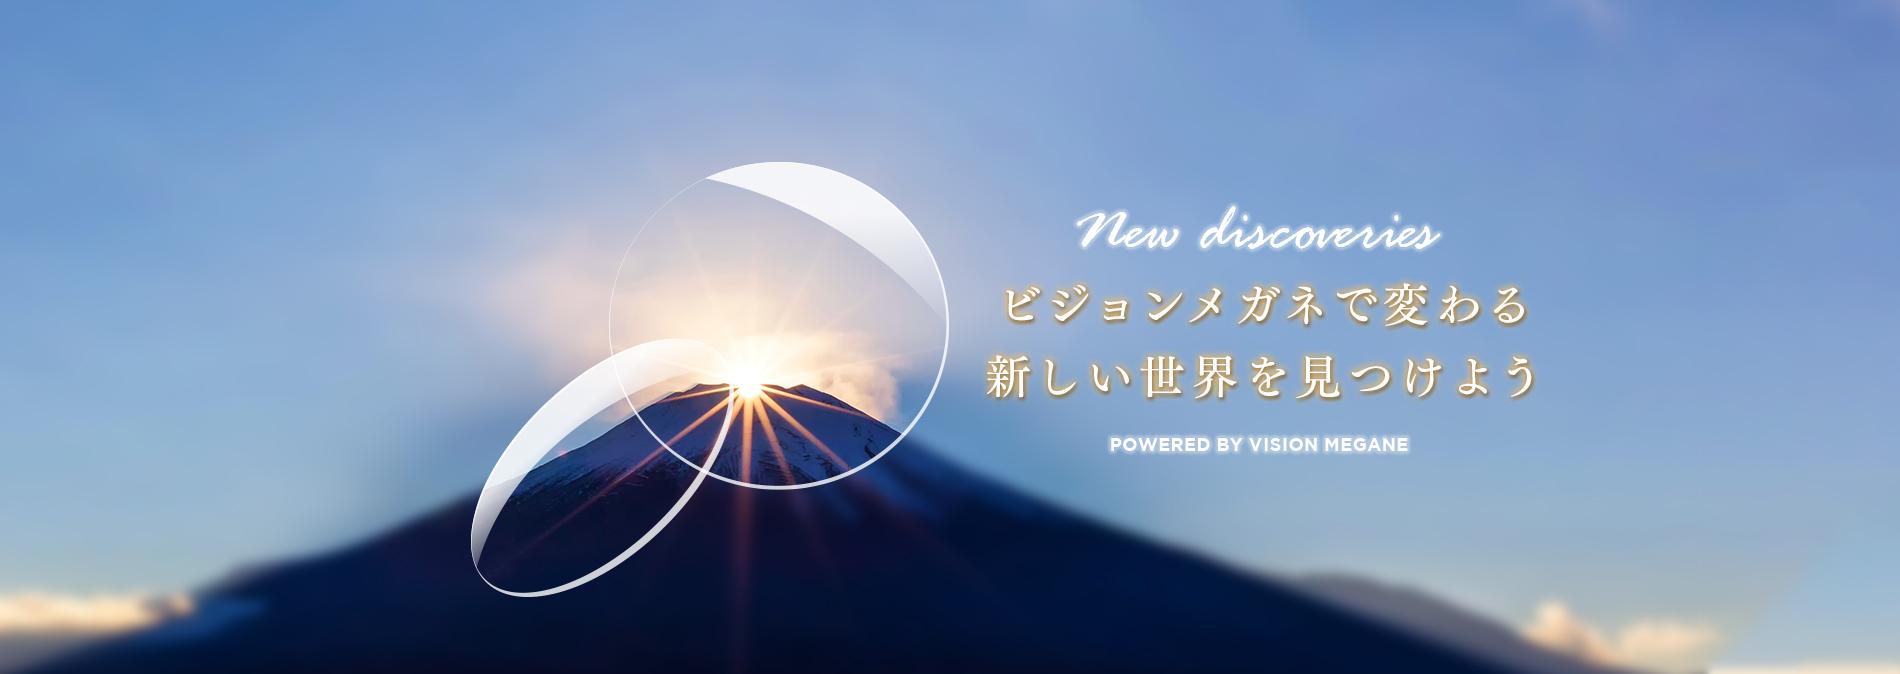 ビジョンメガネで変わる新しい世界を見つけよう